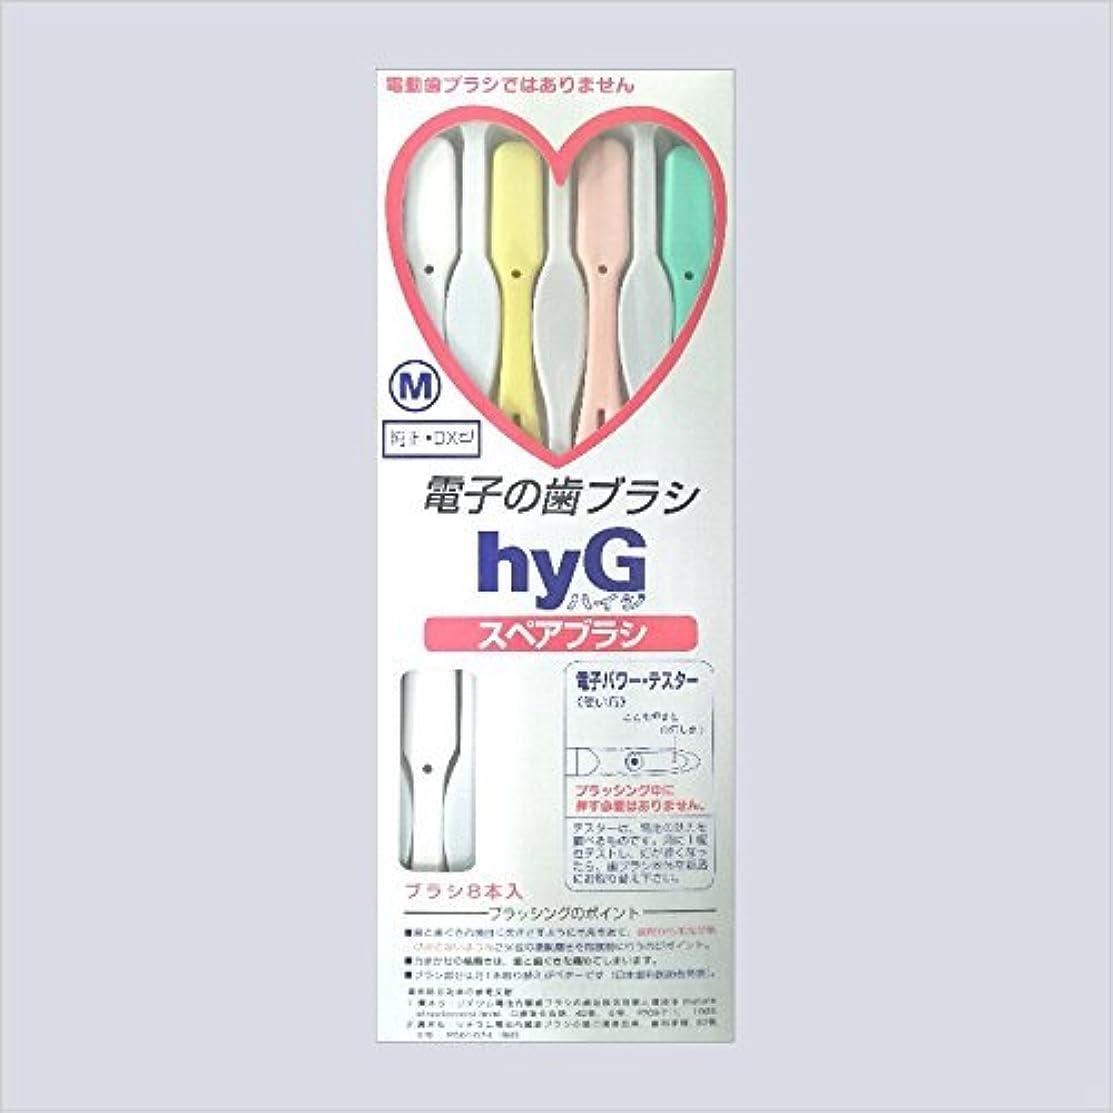 アルプス脳チェス電子の歯ブラシ ハイジ(hyG)?スペアブラシ <ブラシの硬さ:Hかため> (※こちらは「スペアブラシ」です )?hyG-DX型